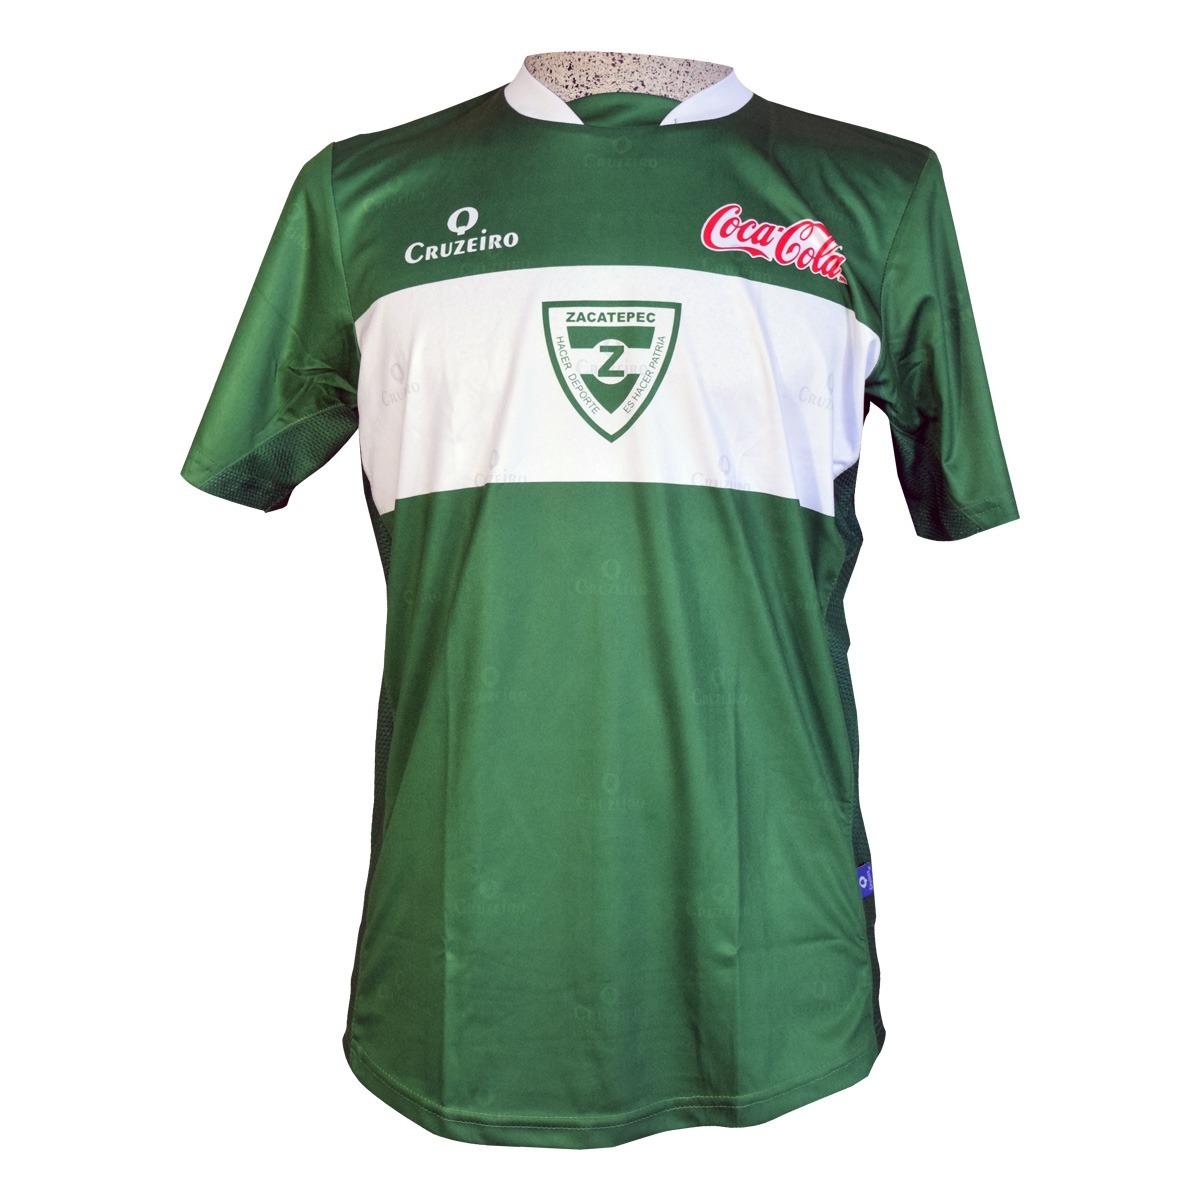 Playera Fútbol Soccer Cruzeiro Zacatepec Hombre -   399.00 en ... eb92c05457f49